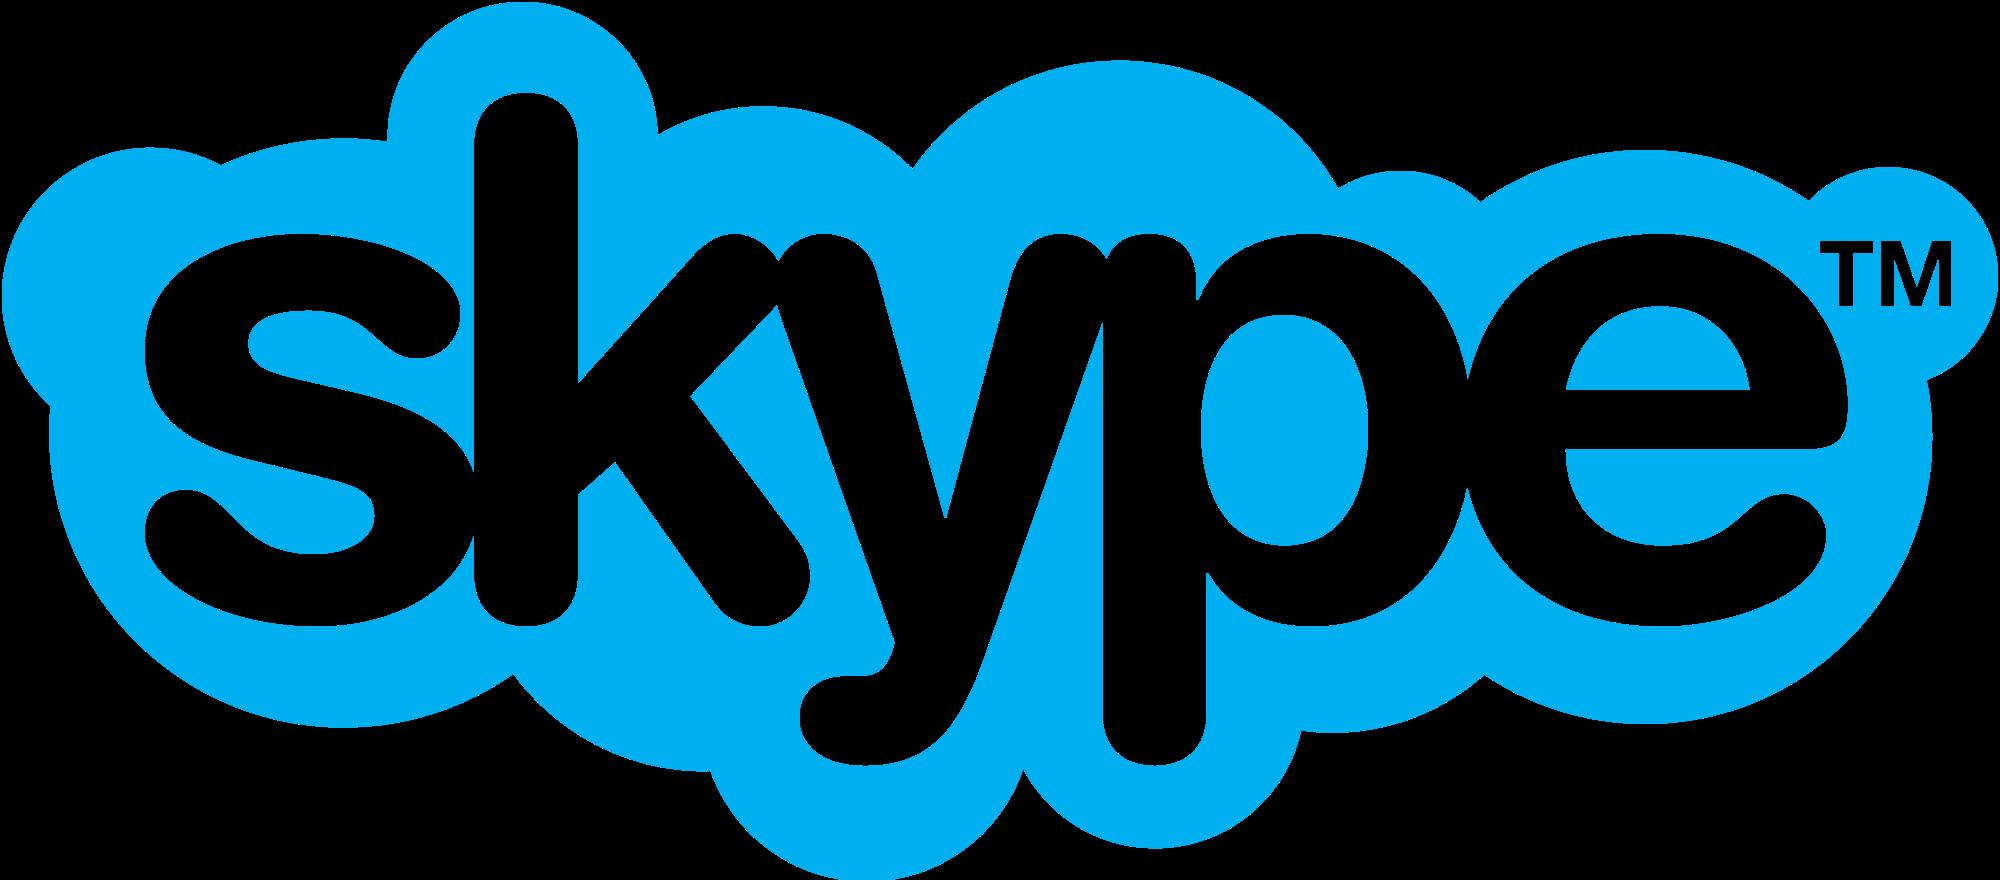 Skype Logo transparent PNG.